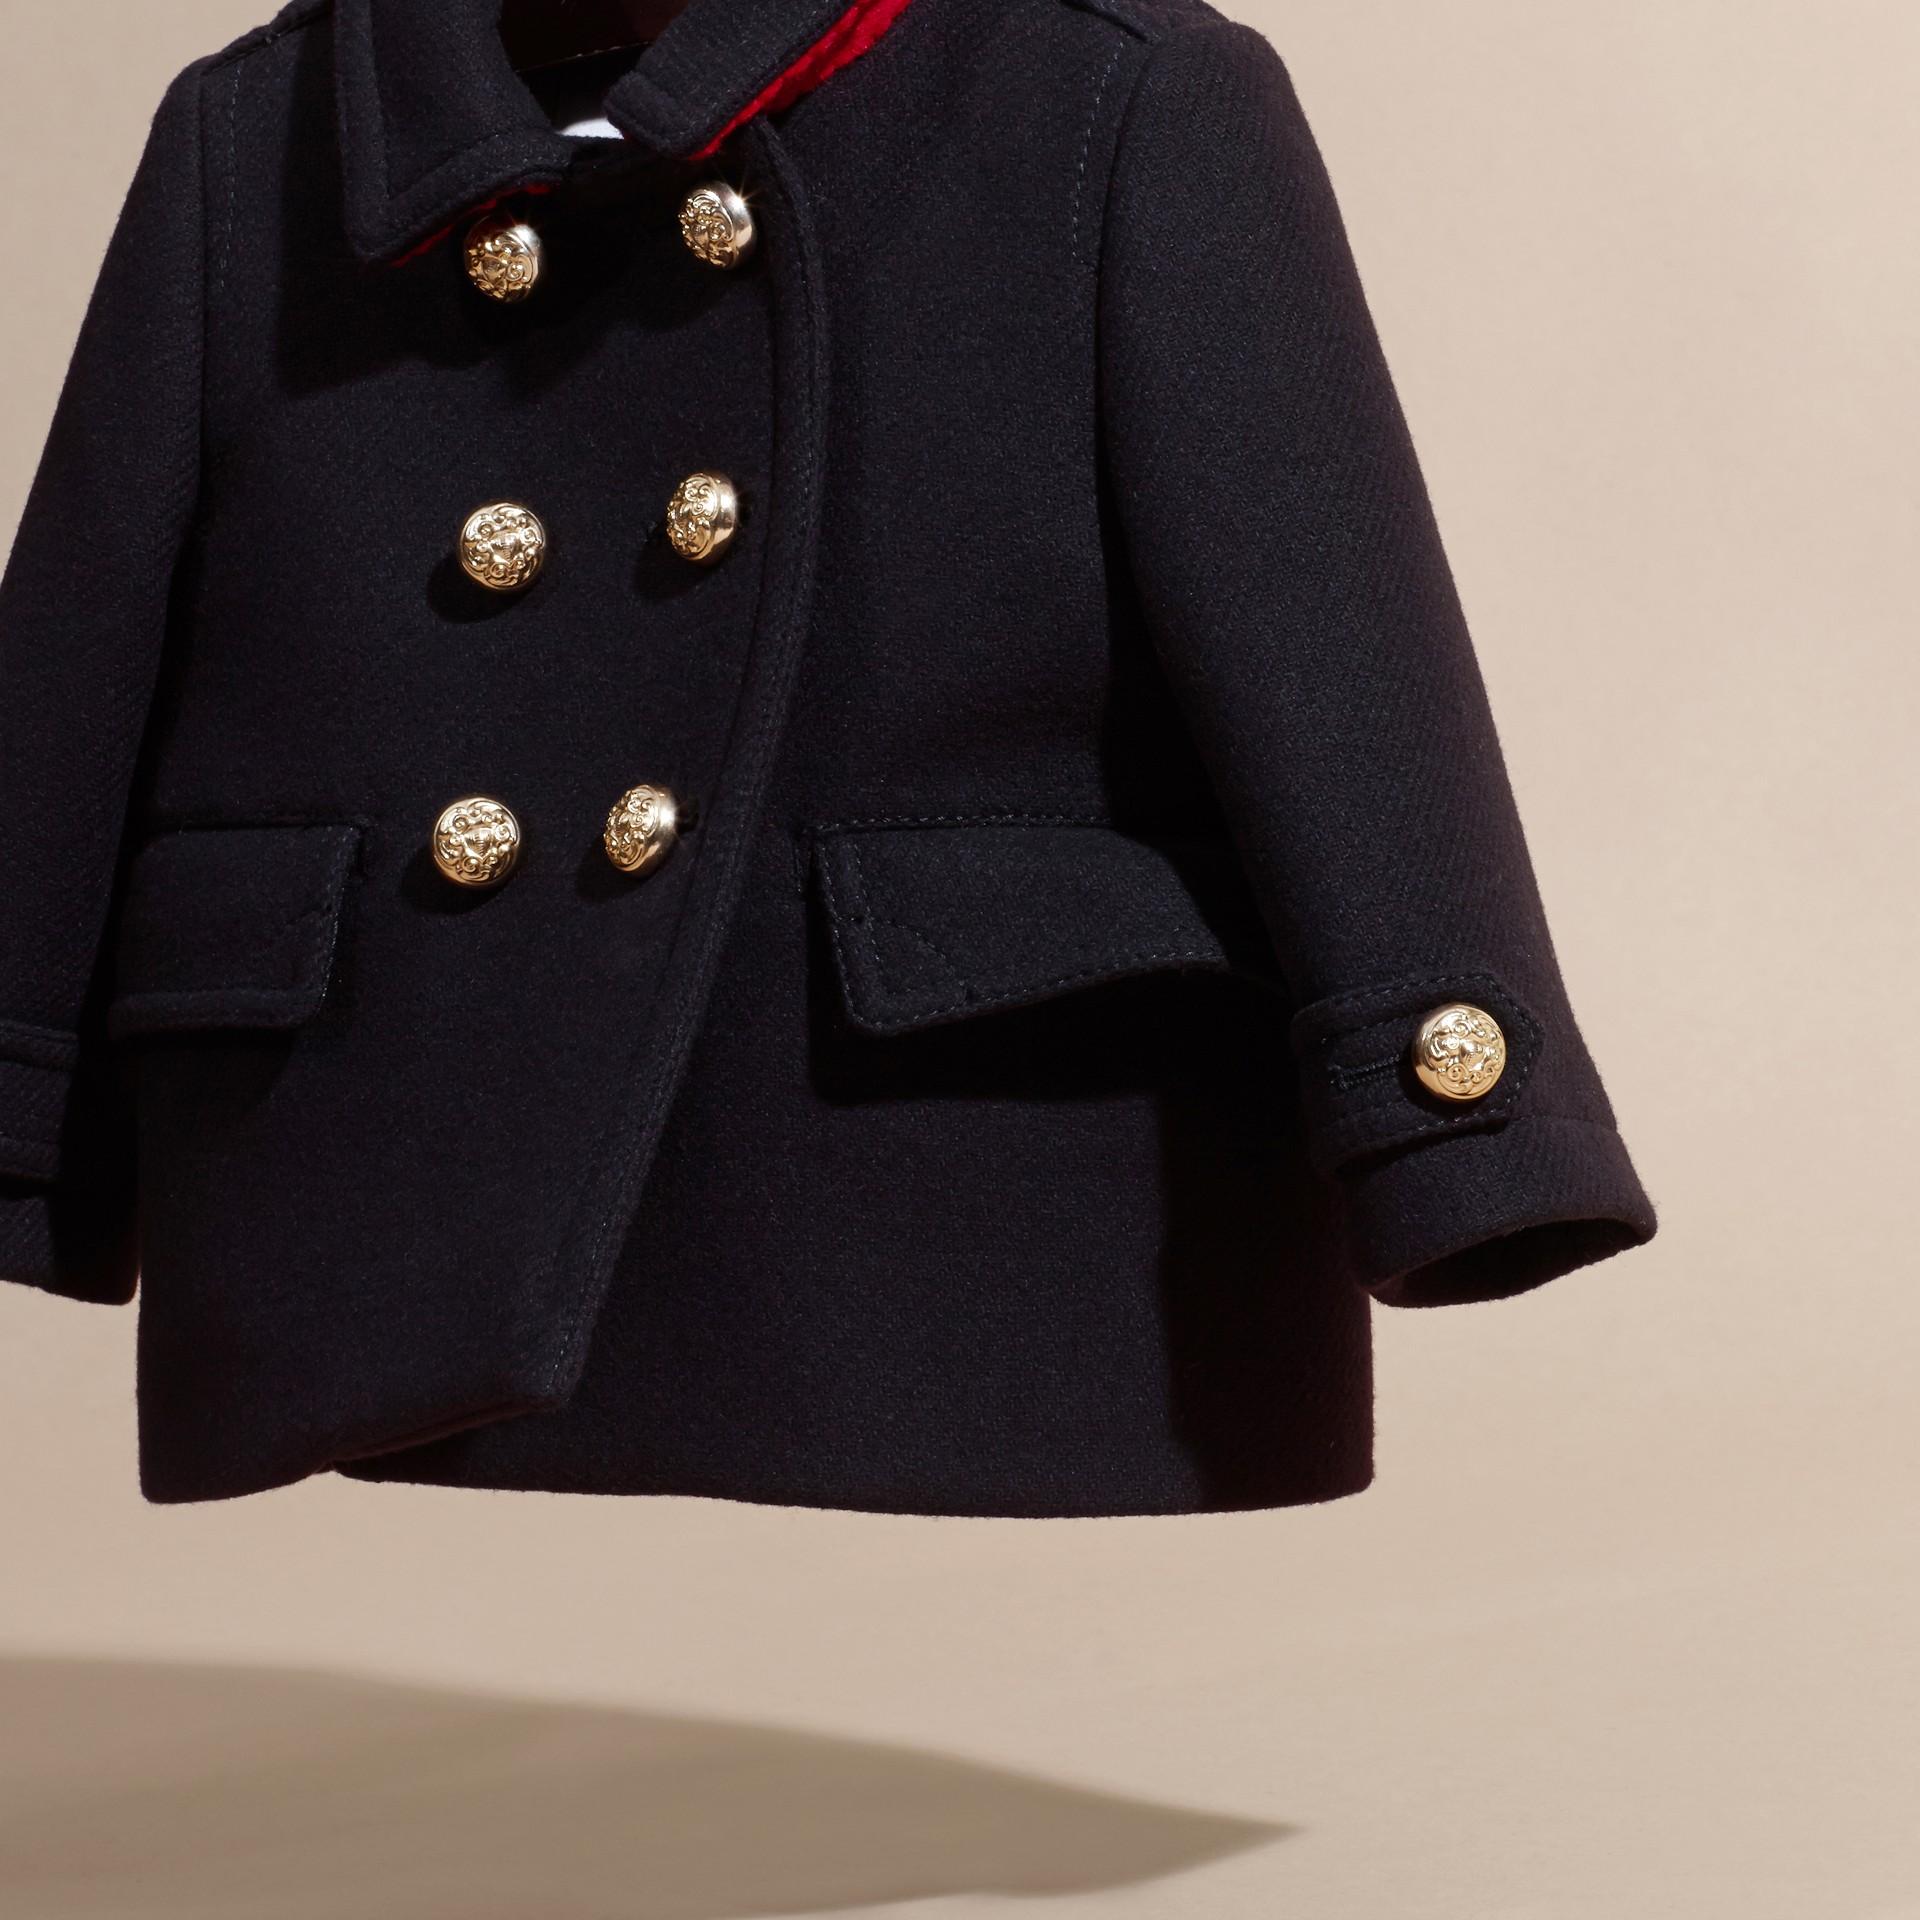 Azul marino Abrigo marinero militar en mezcla de lana y cachemir con detalles plisados - imagen de la galería 3